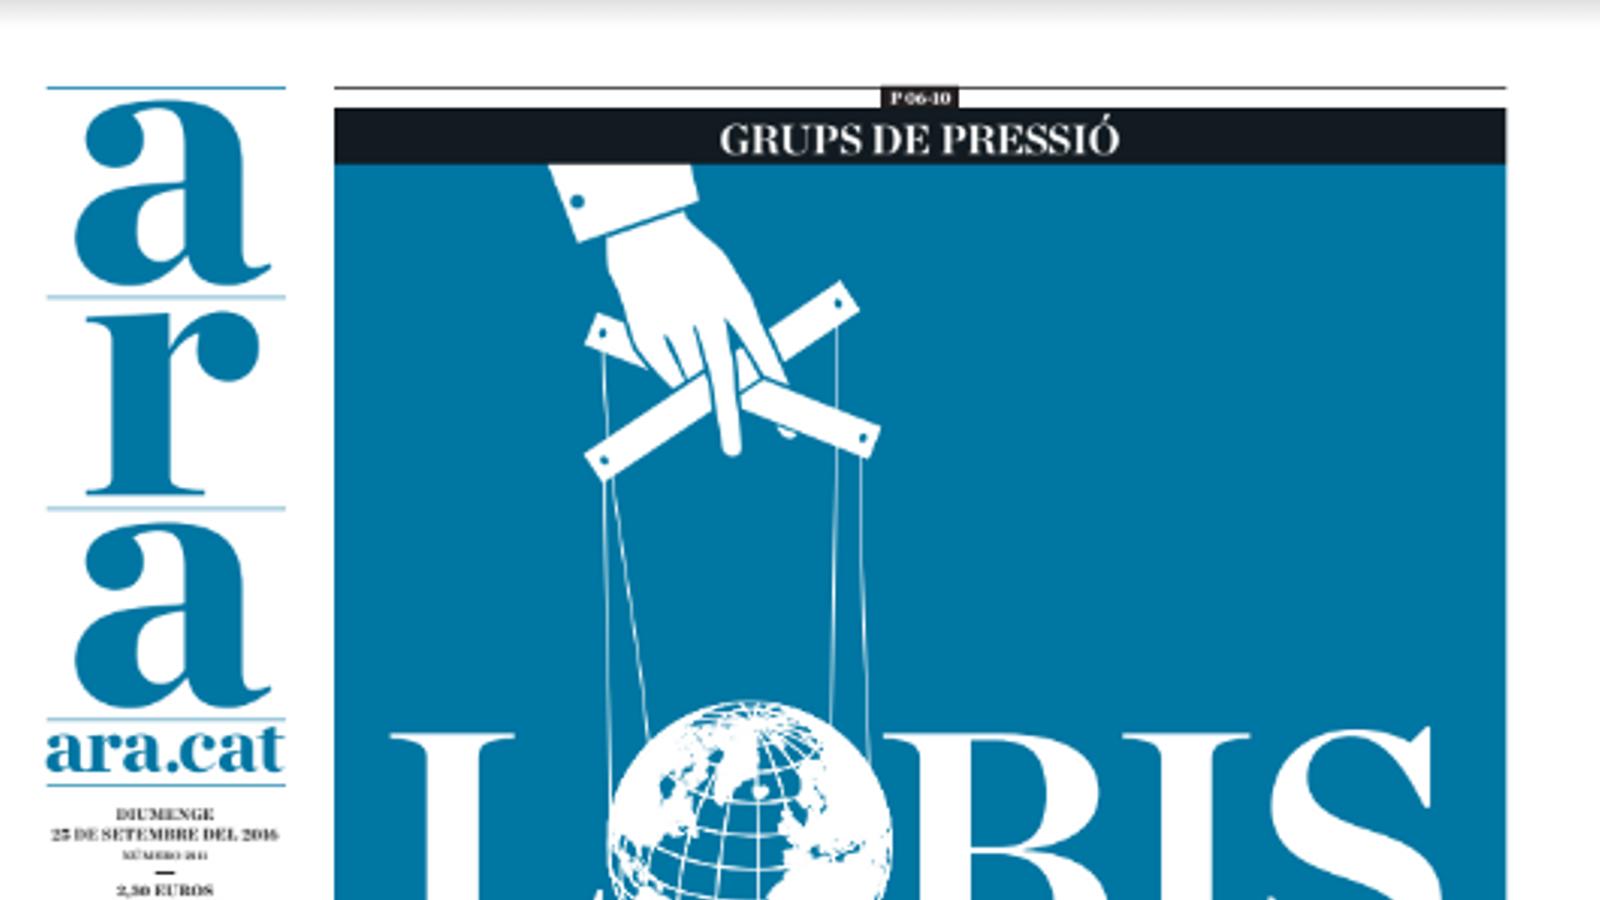 """""""Lobis: qui mou els fils?"""", a la portada de l'ARA d'aquest diumenge"""